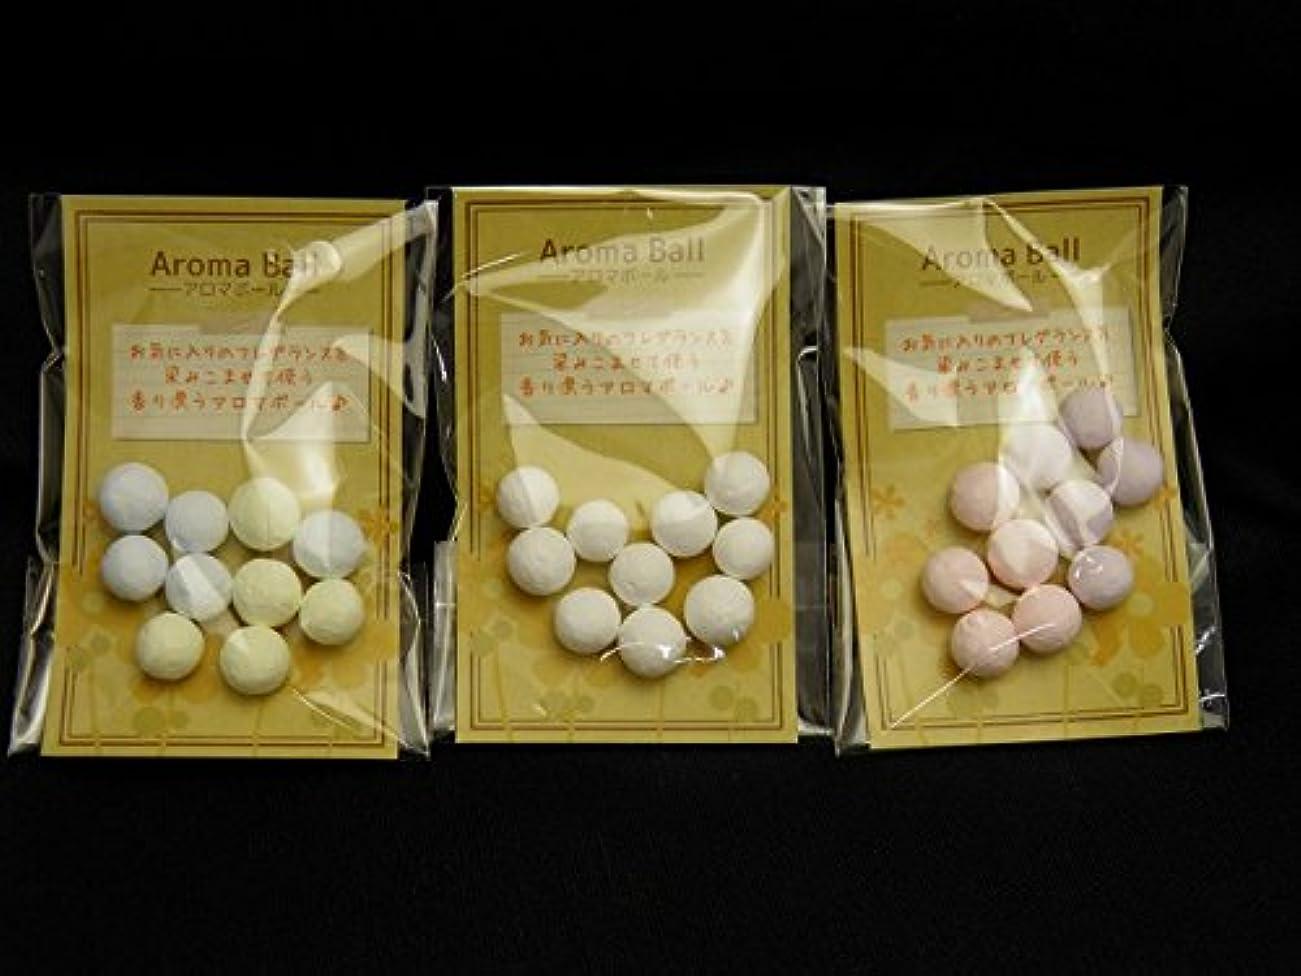 想定する雪シャワーインペリアルオーラ 3種類 アロマボールレフィル 10粒入り(2色各5粒) ピンク/パープル